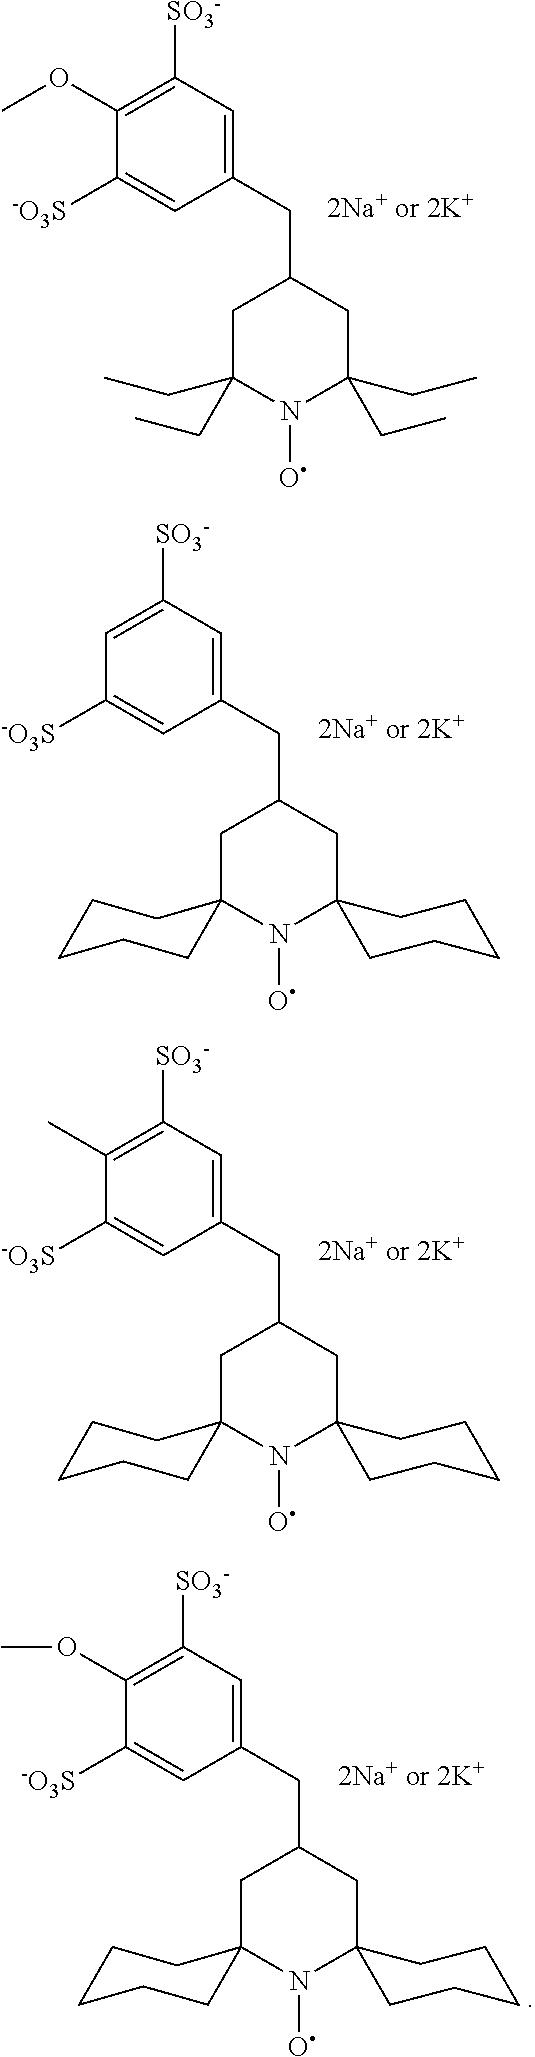 Figure US20180072669A1-20180315-C00034